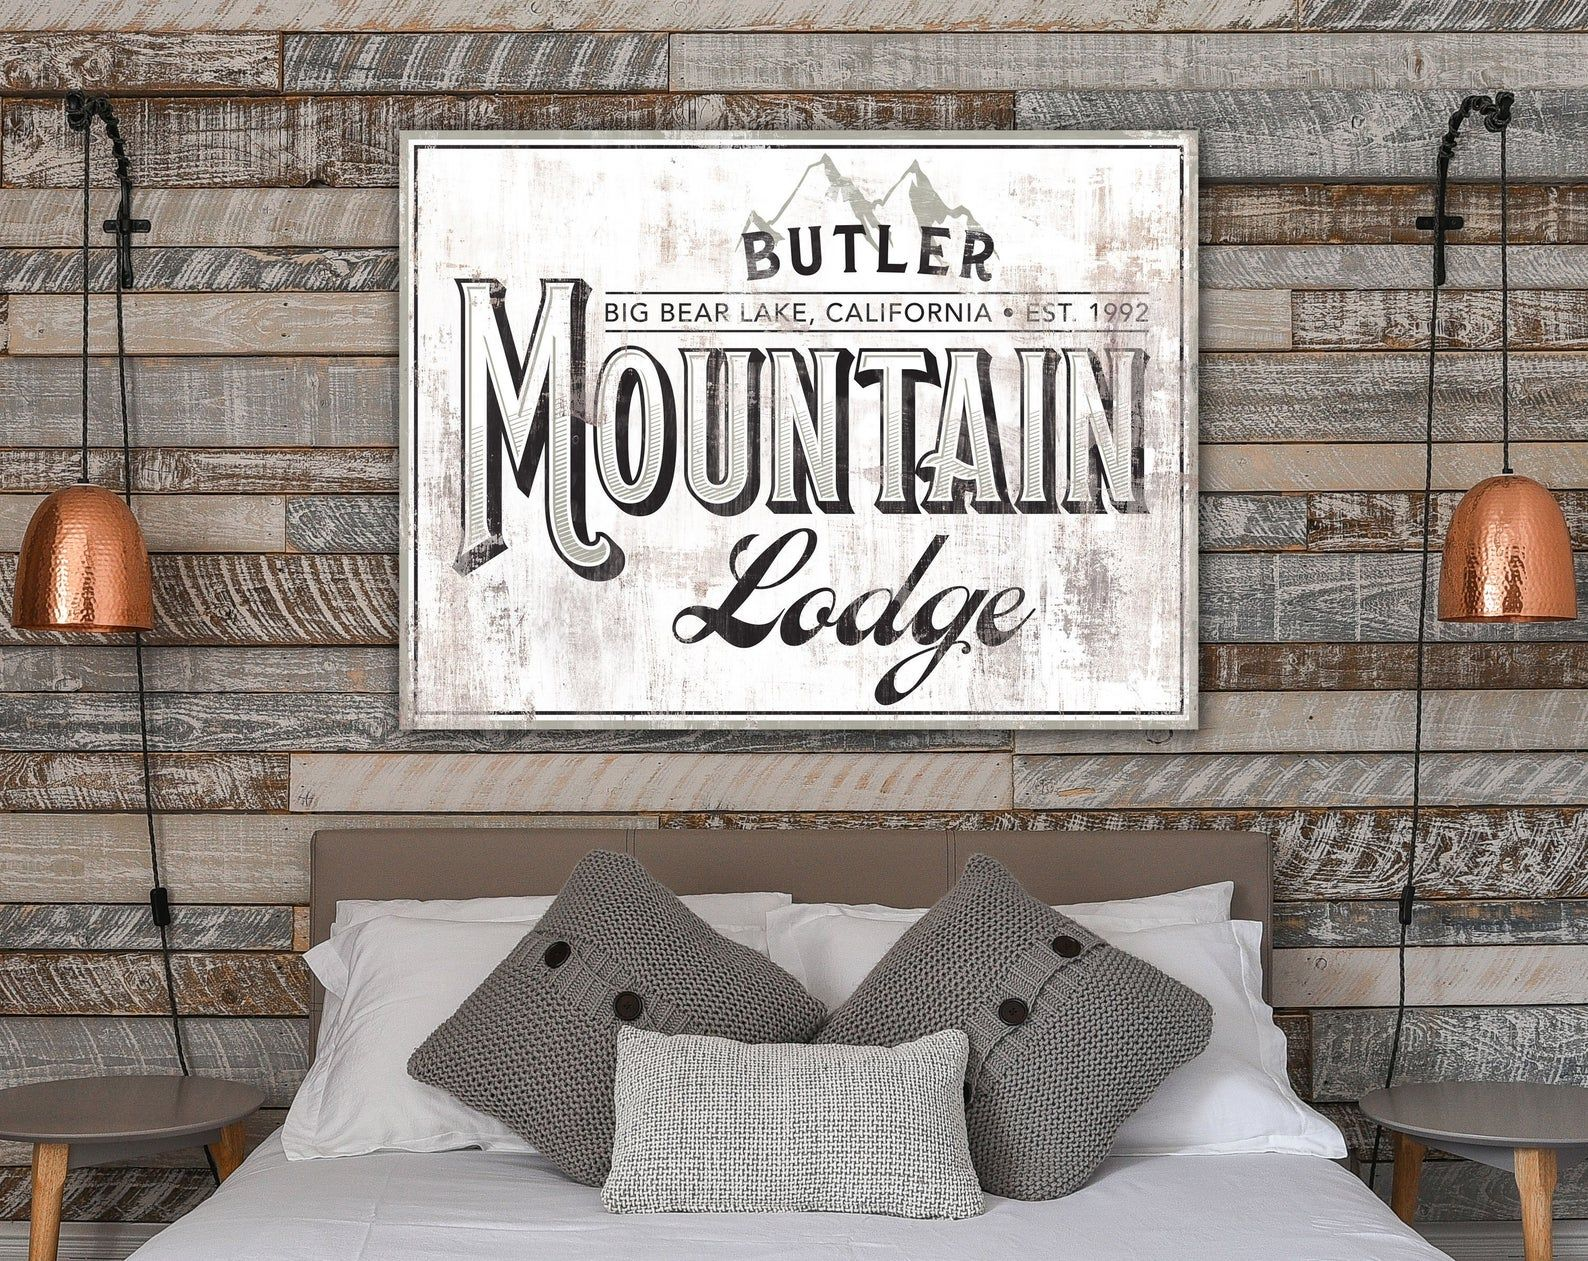 Ski Lodge Decor Family Sign Log Cabin Wall Decor Rustic Etsy Cabin Wall Decor Ski Lodge Decor Lodge Decor